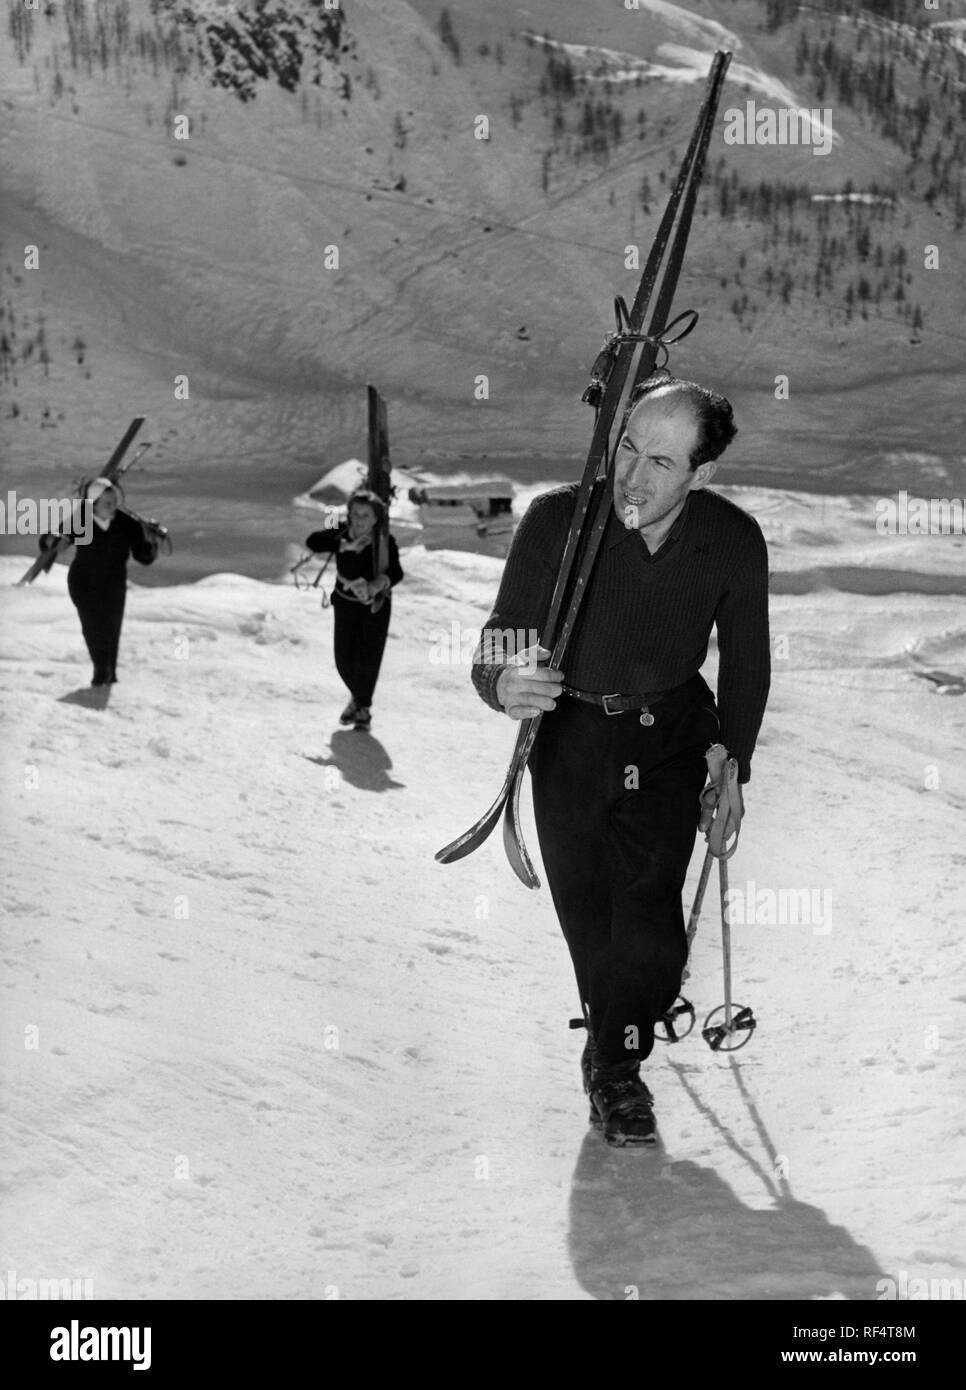 zeno colò, alpine ski racer, 1952 - Stock Image